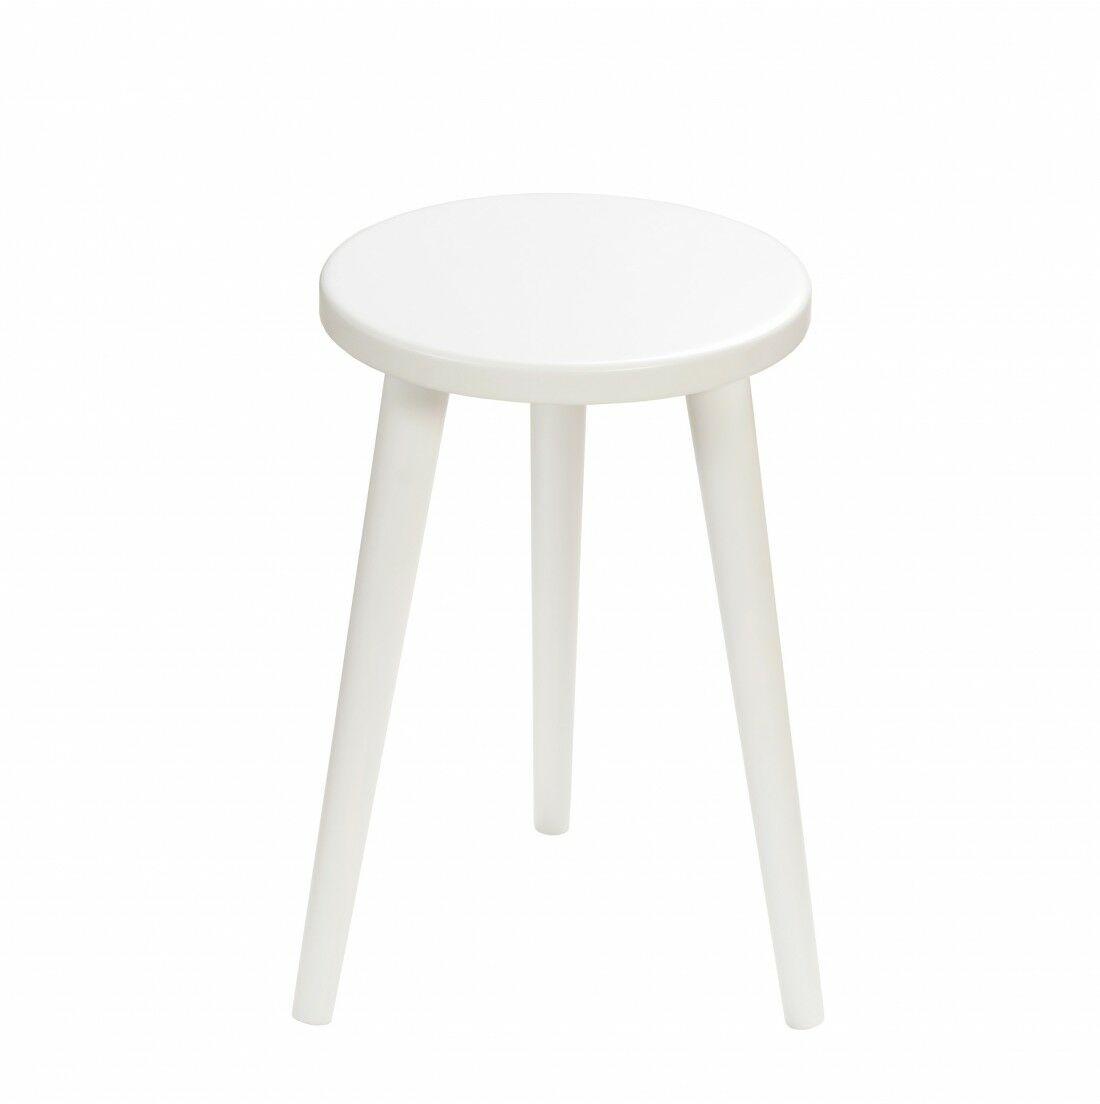 Taboret okrągły ze sklejki Crystal White, Wykończenie nogi - Biały, Wysokość - 410, Wymiar siedziska (Średnica) - 300